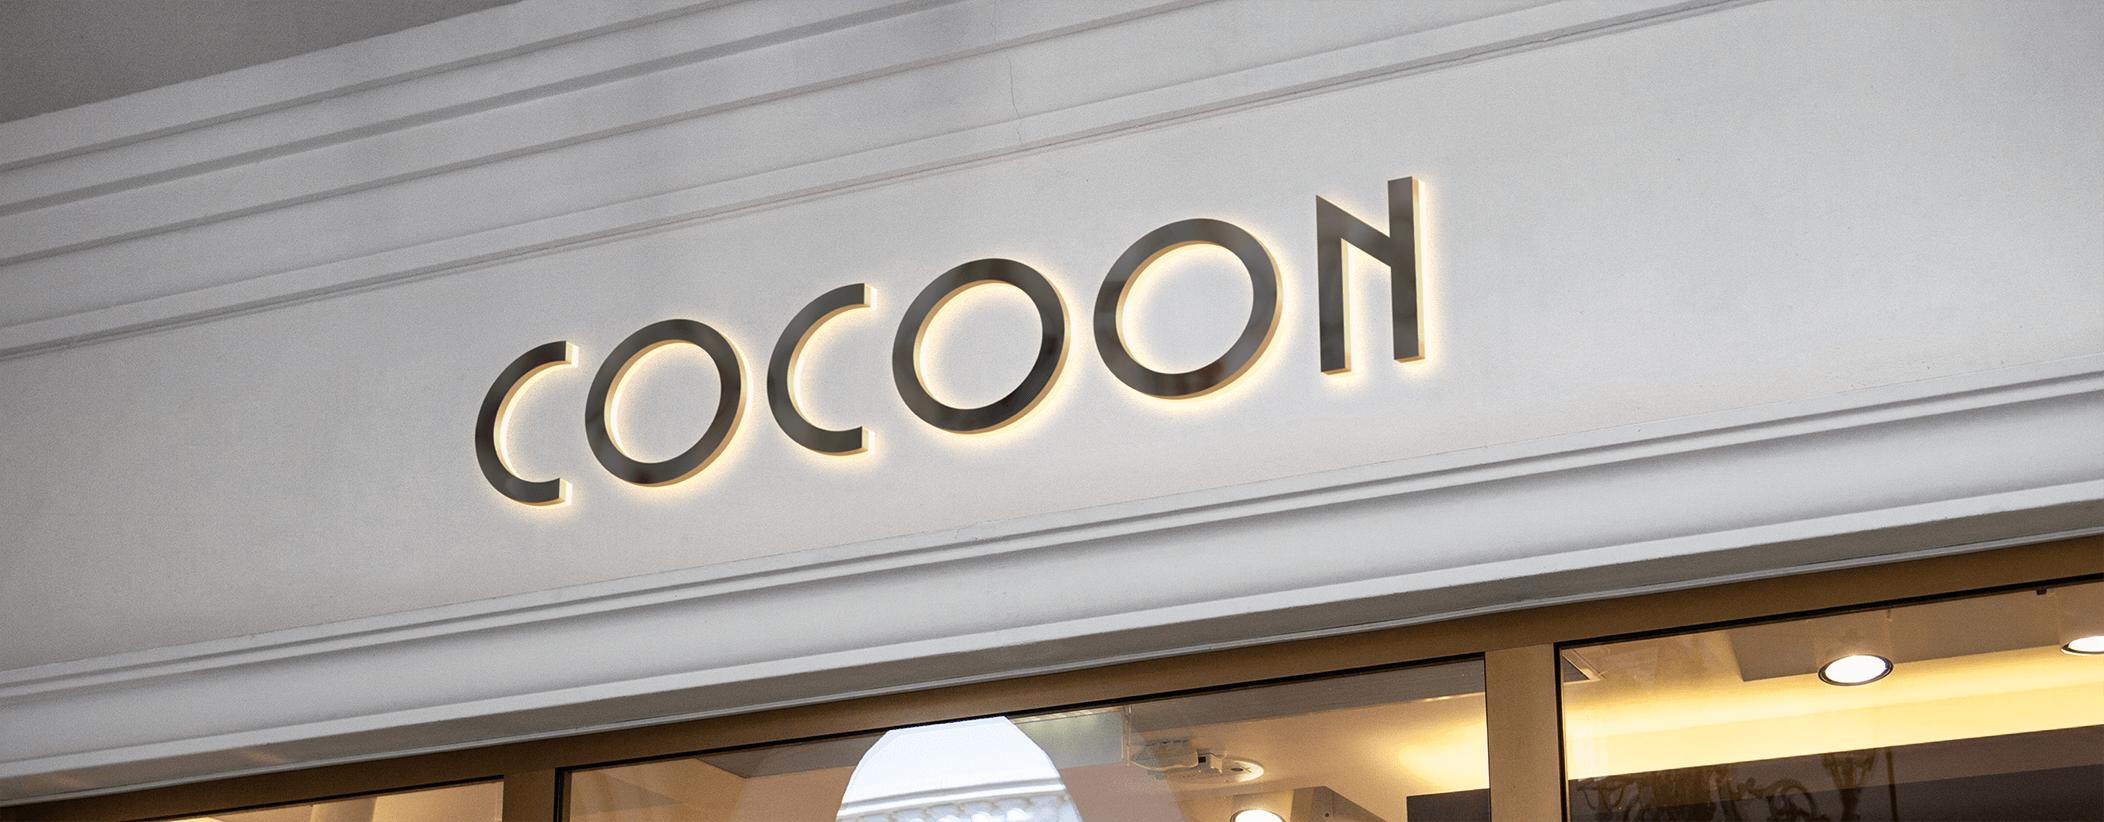 cocoon-shop-facade-Logo